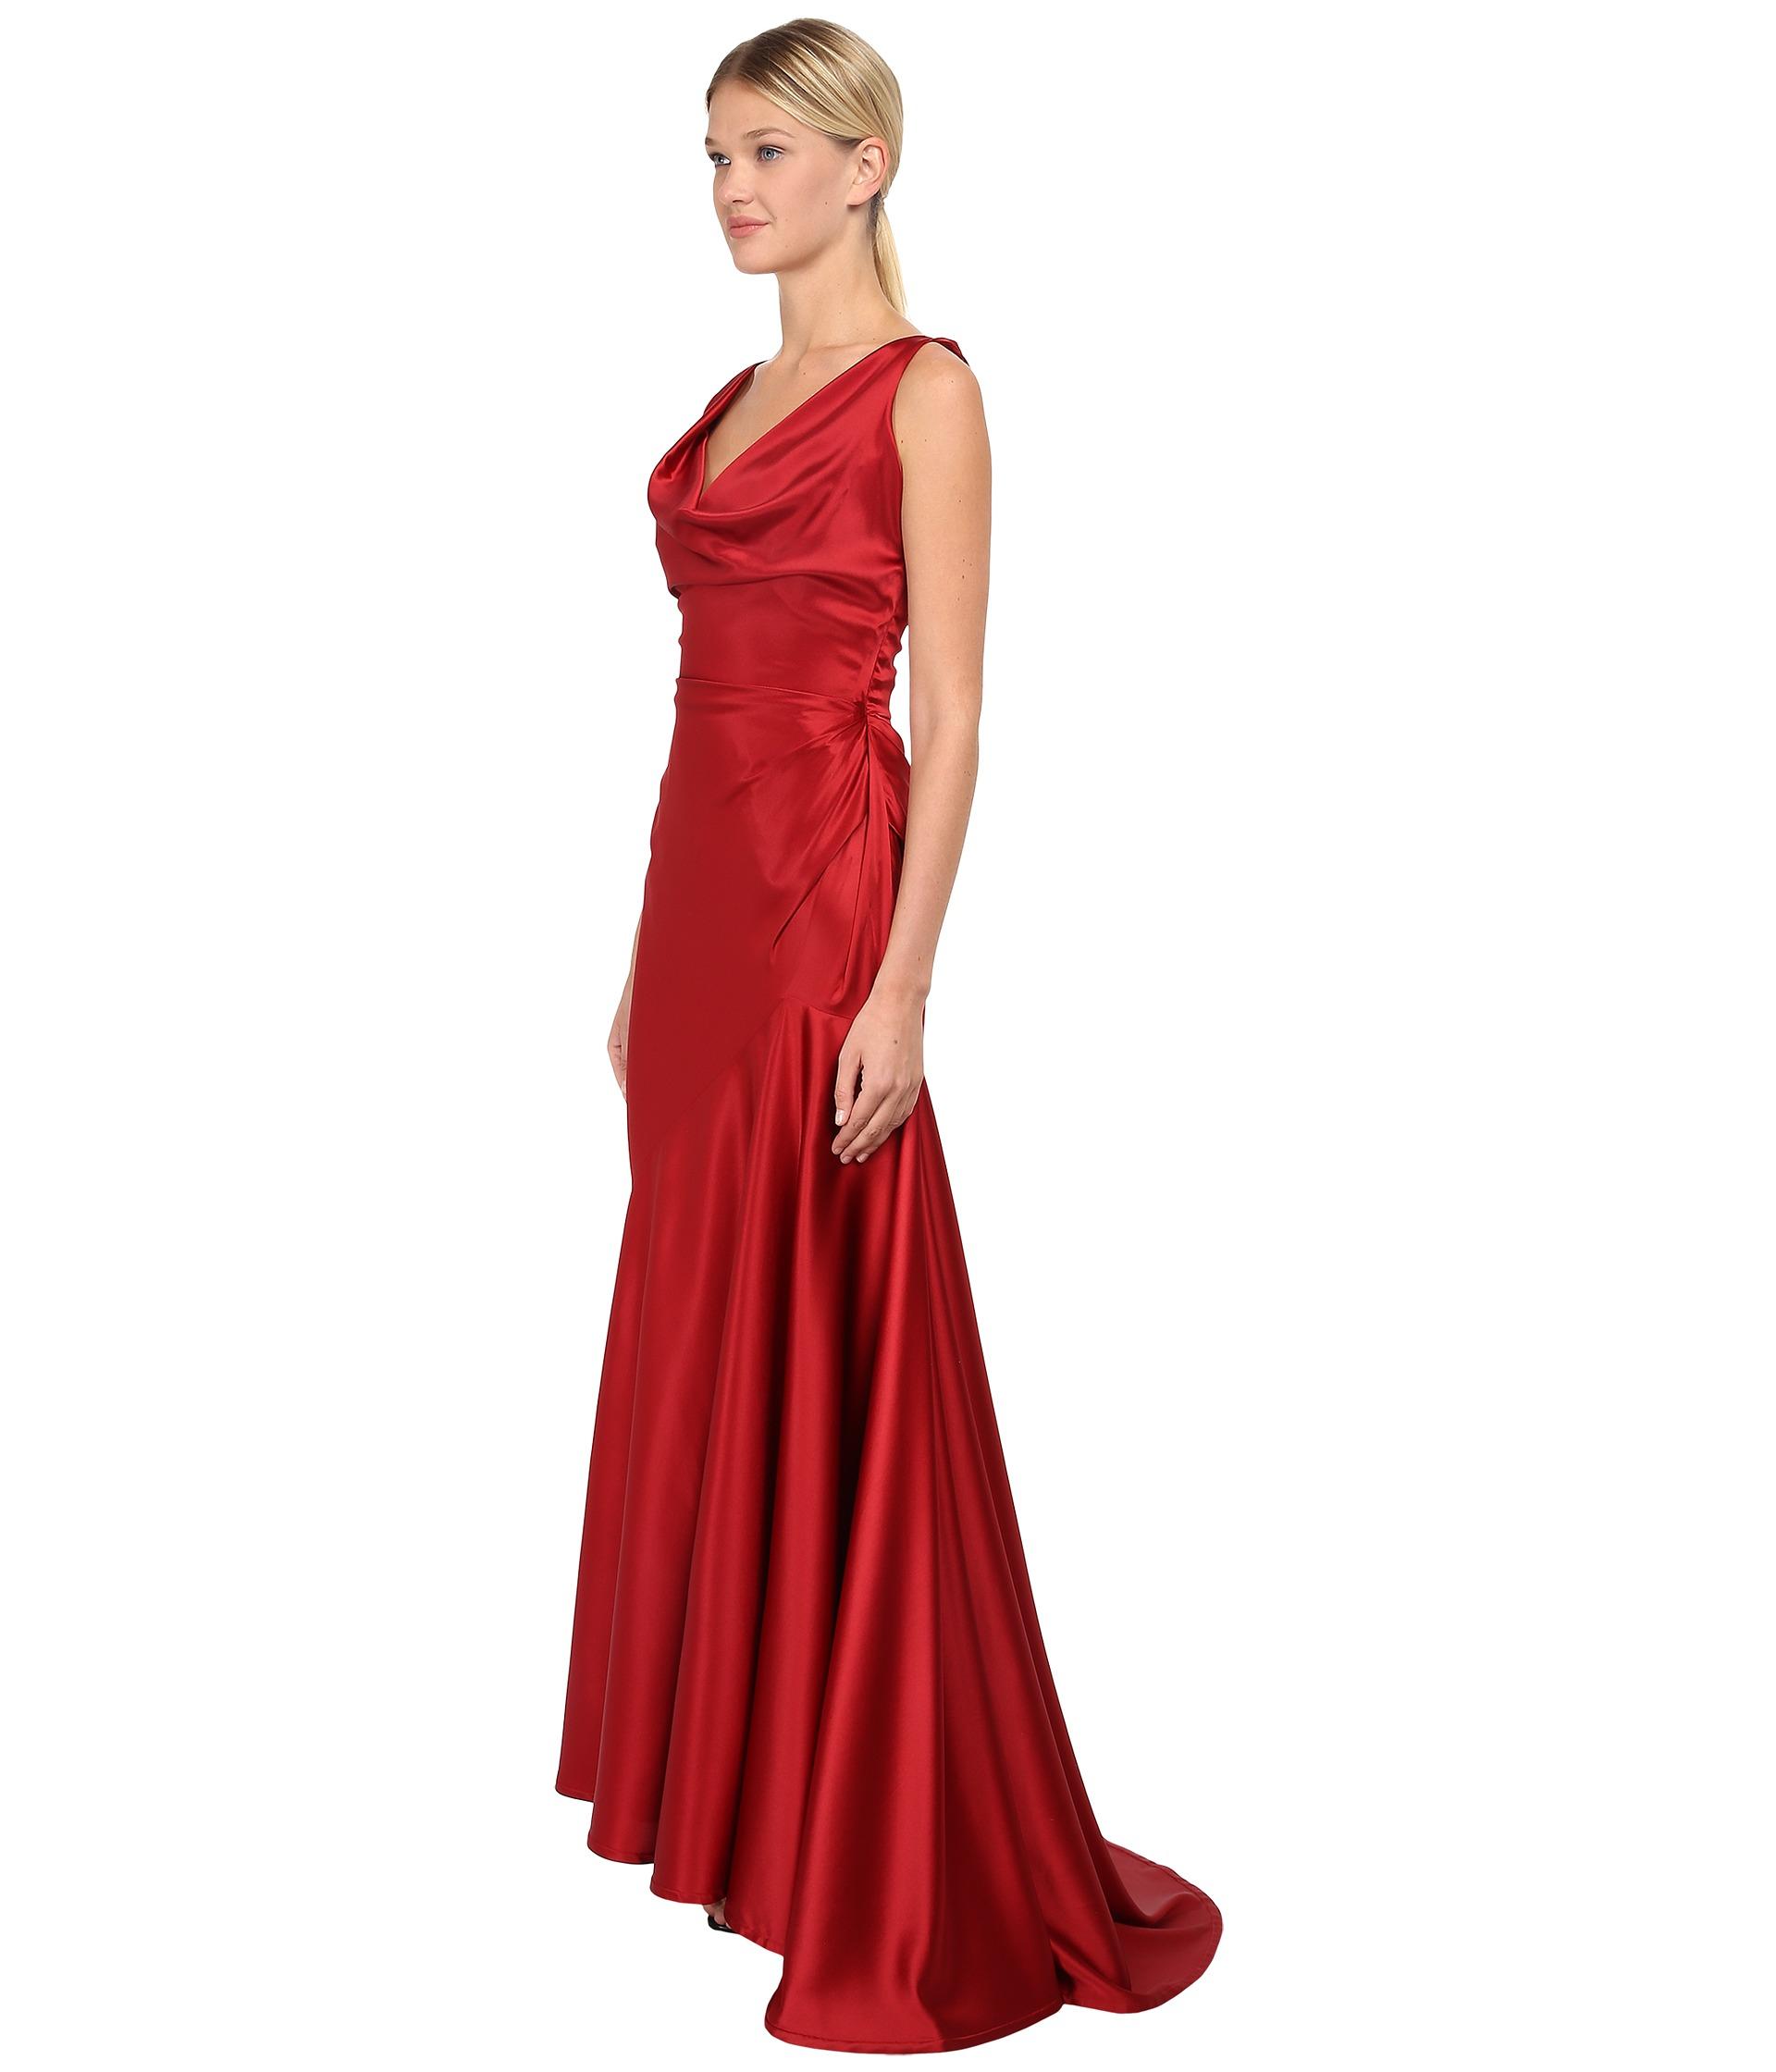 2018 Newest Cheap Online DRESSES - Long dresses Vivienne Westwood Cheap Sale Exclusive j1lD0